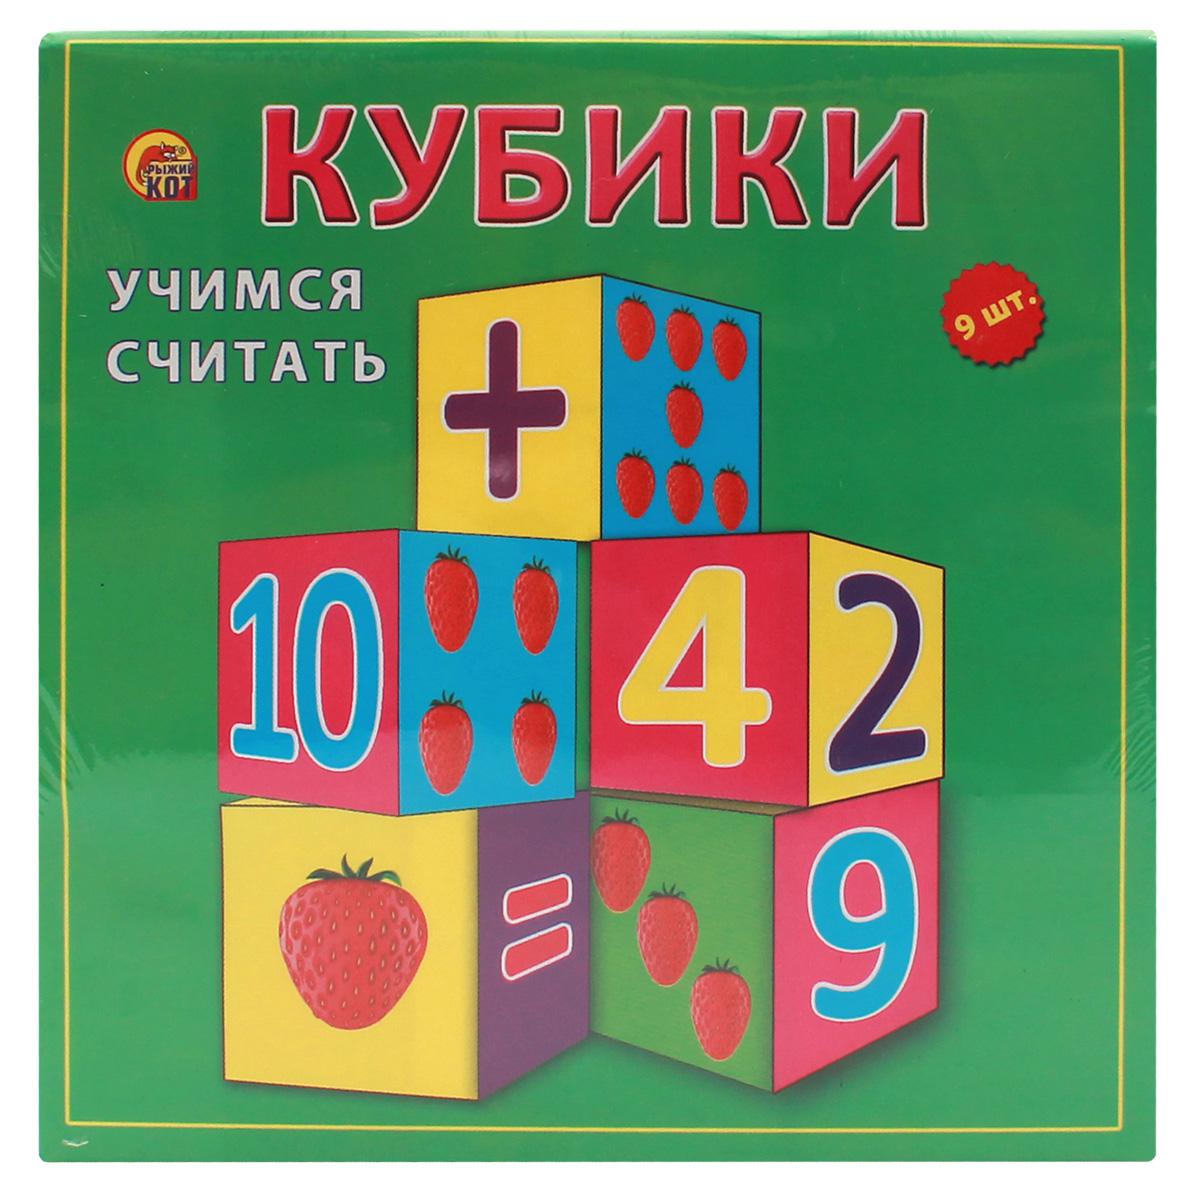 Рыжий Кот Кубики Учимся считать 9 шт учимся считать повторяем цифры считаем и сравниваем раскраска